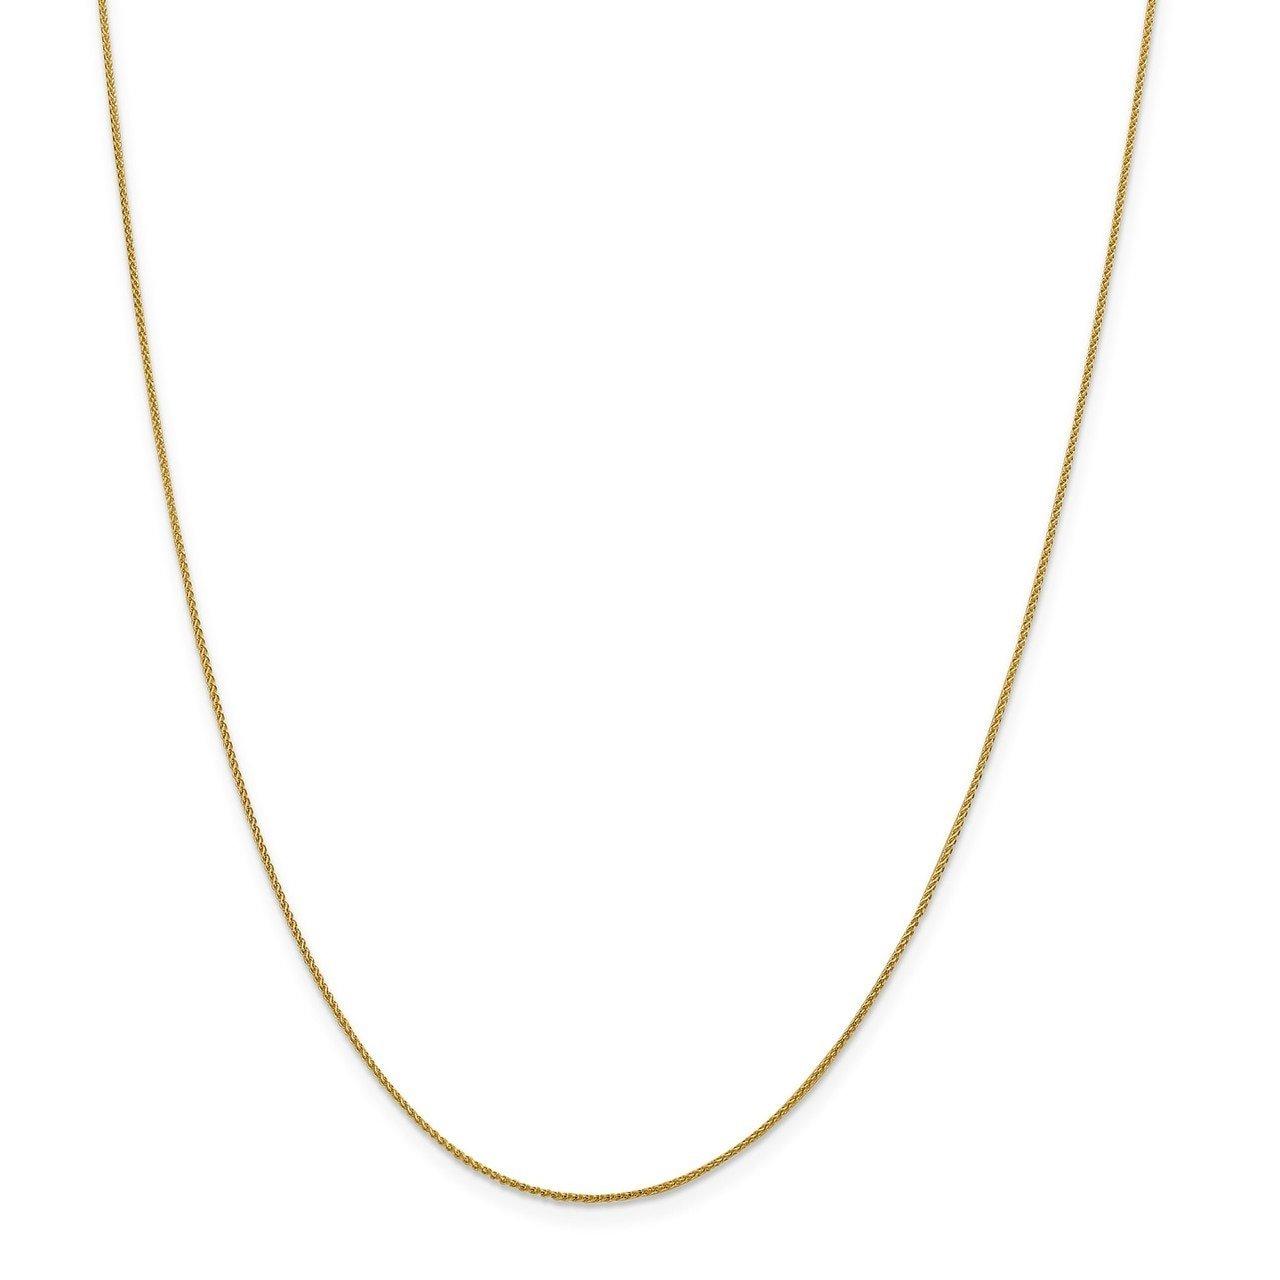 Lex /& Lu Leslies 18k Yellow Gold 1.00mm D//C Spiga Chain Necklace LAL18LP13-24